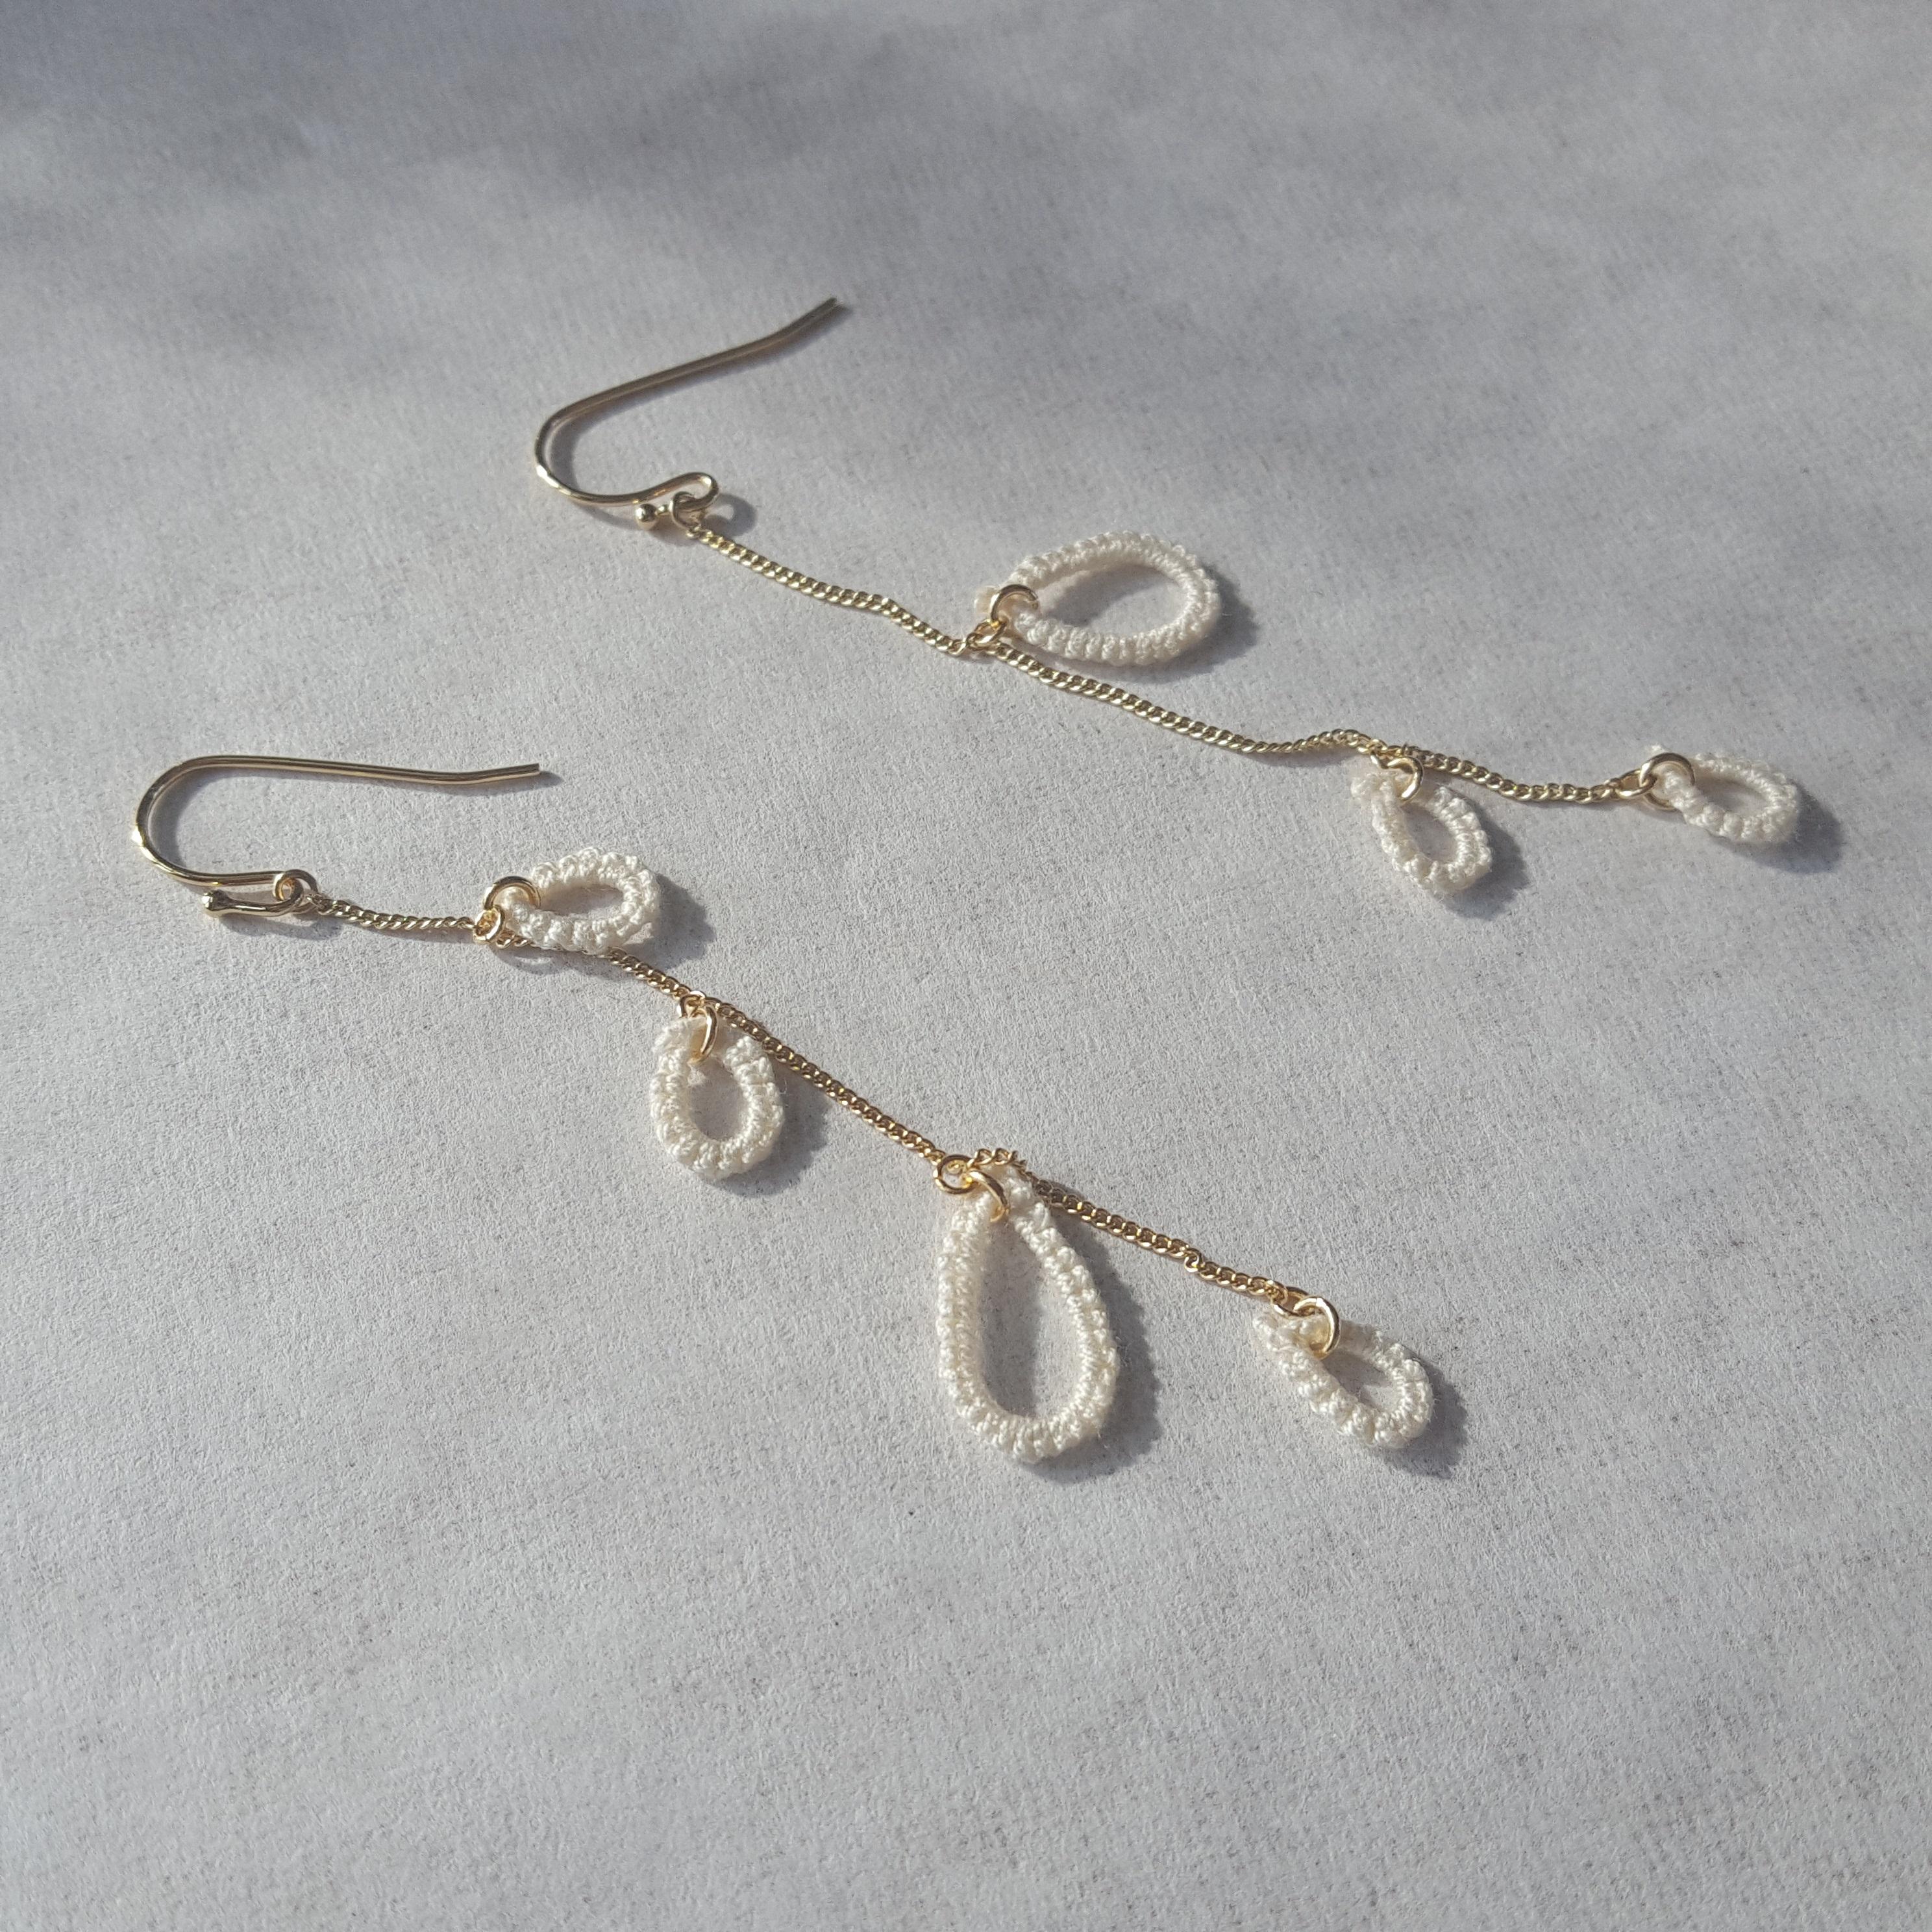 糸でつむぐやわらかさ|秋冬に手編みのアクセサリーでやさしさプラス